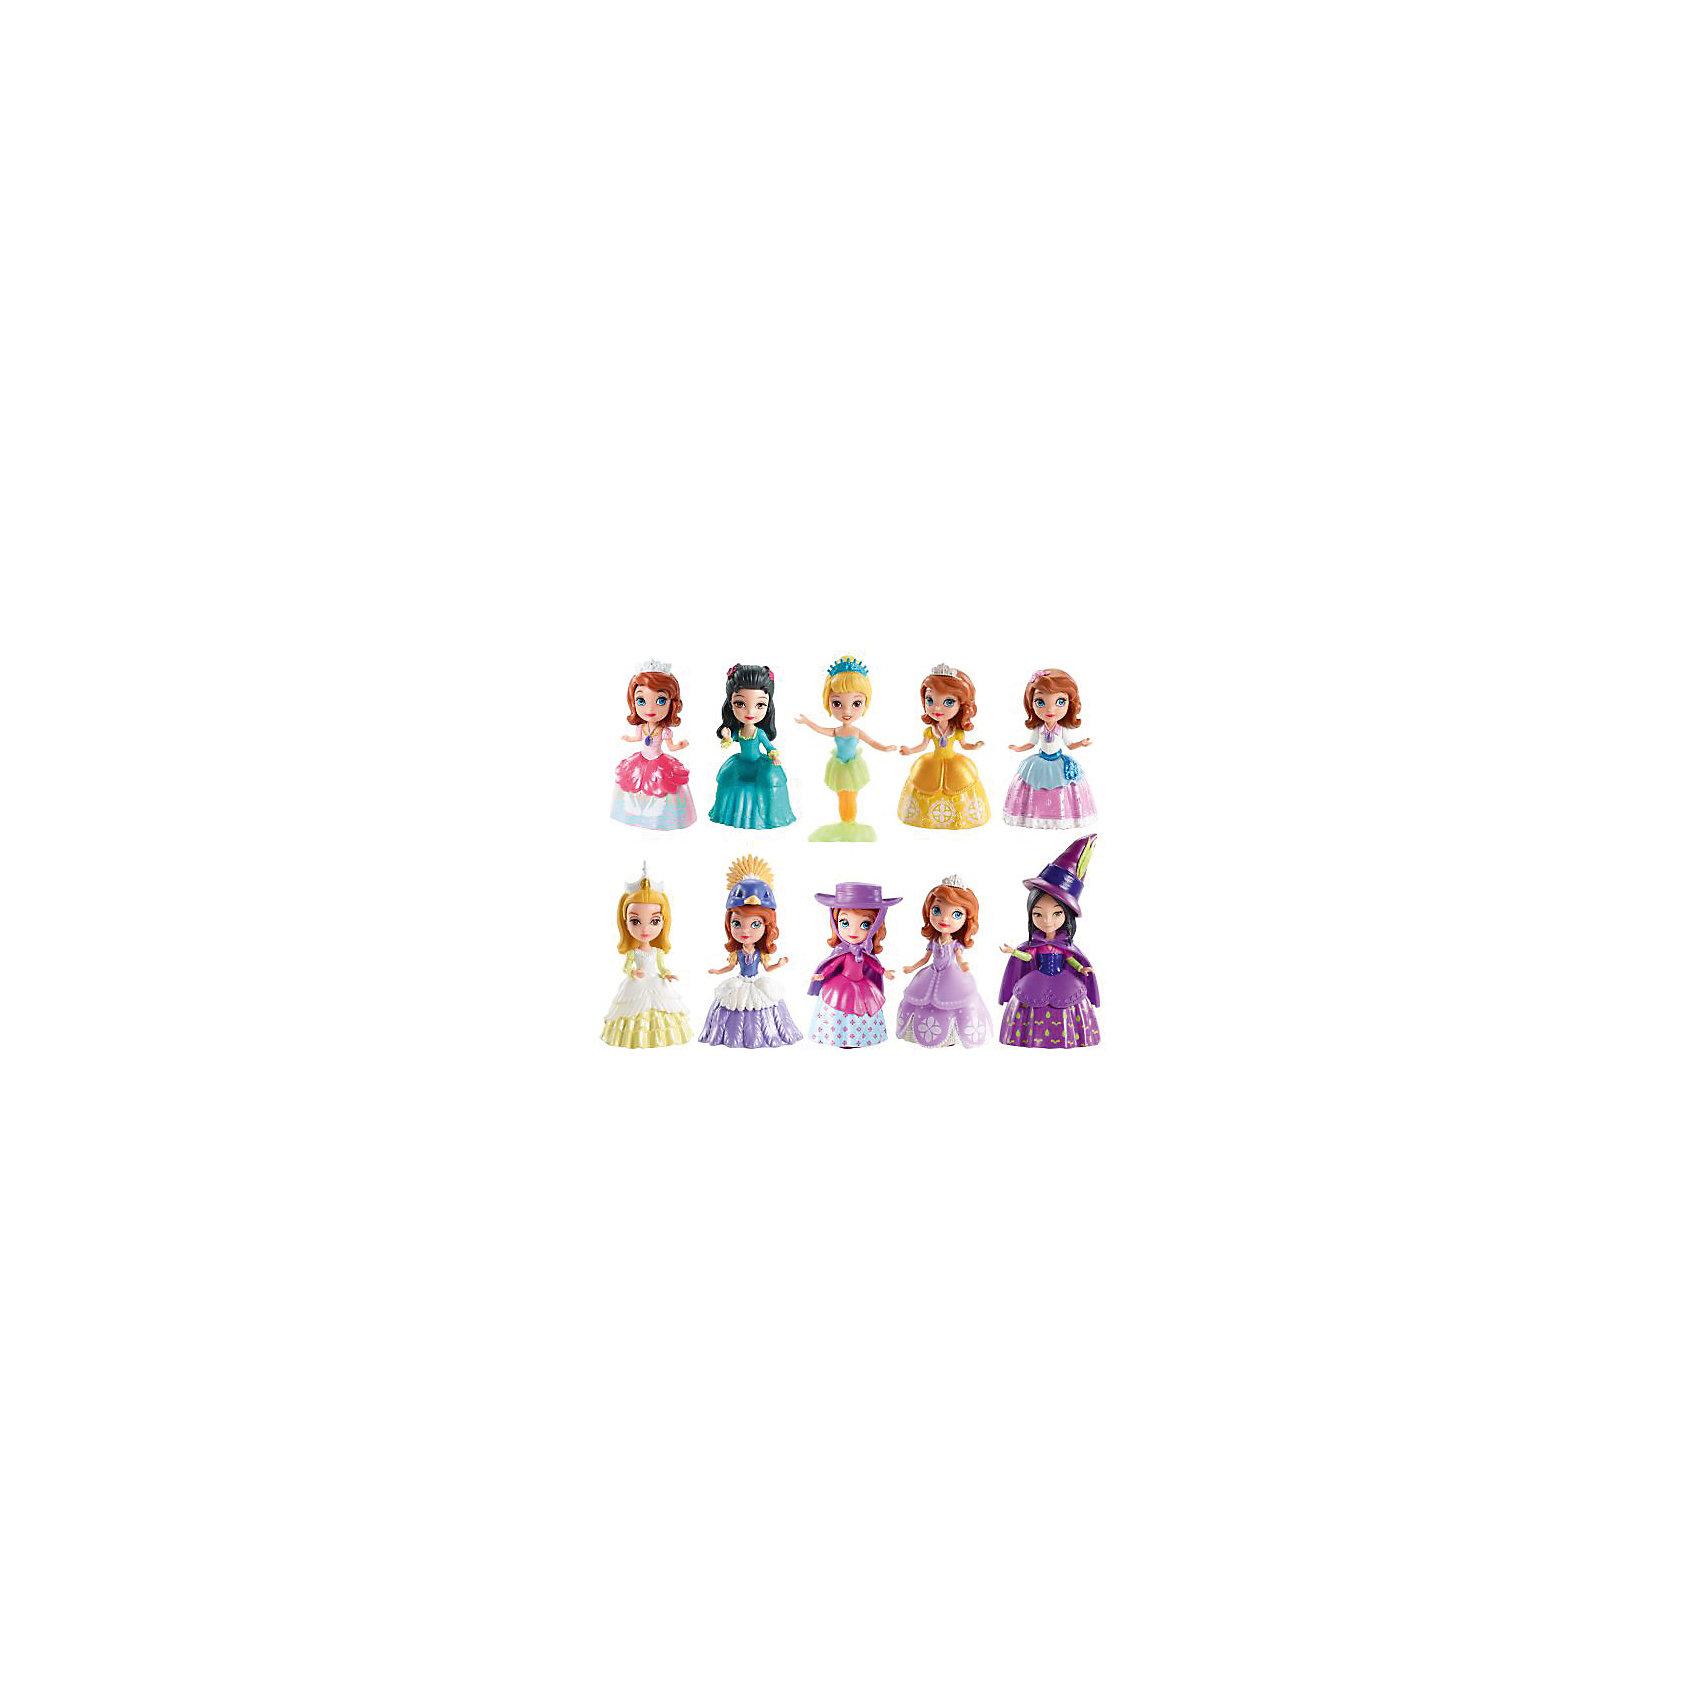 Базовые фигурки в ассортименте, София ПрекраснаяОкунись в мир настоящей принцессы вместе с Софией и ее друзьями. Каждая кукла одета в элегантное платье с собственным аксессуаром. Сгибающаяся талия позволяет кукле сидеть и стоять. Собери всех куколок, проигрывай сцены из любимого мультфильма или придумывай свои новые истории. Игрушки выполнены из высококачественных материалов, прекрасно детализированы и реалистично раскрашены: максимально похожи на героев мультфильма.<br><br>Дополнительная информация:<br><br>-Материал: пластик, текстиль.<br>- Размер куклы: 7,5 см.<br>- Талия куклы сгибается.  <br>- Комплектация: фигурка, платье, аксессуар. <br>- Фигурка в ассортименте.<br>ВНИМАНИЕ! Данный артикул представлен в разных вариантах исполнения. К сожалению, заранее выбрать определенный вариант невозможно. При заказе нескольких фигурок возможно получение одинаковых.<br><br>Базовые фигурки в ассортименте, София Прекрасная, можно купить в нашем магазине.<br><br>Ширина мм: 40<br>Глубина мм: 165<br>Высота мм: 115<br>Вес г: 453<br>Возраст от месяцев: 36<br>Возраст до месяцев: 72<br>Пол: Женский<br>Возраст: Детский<br>SKU: 3537368